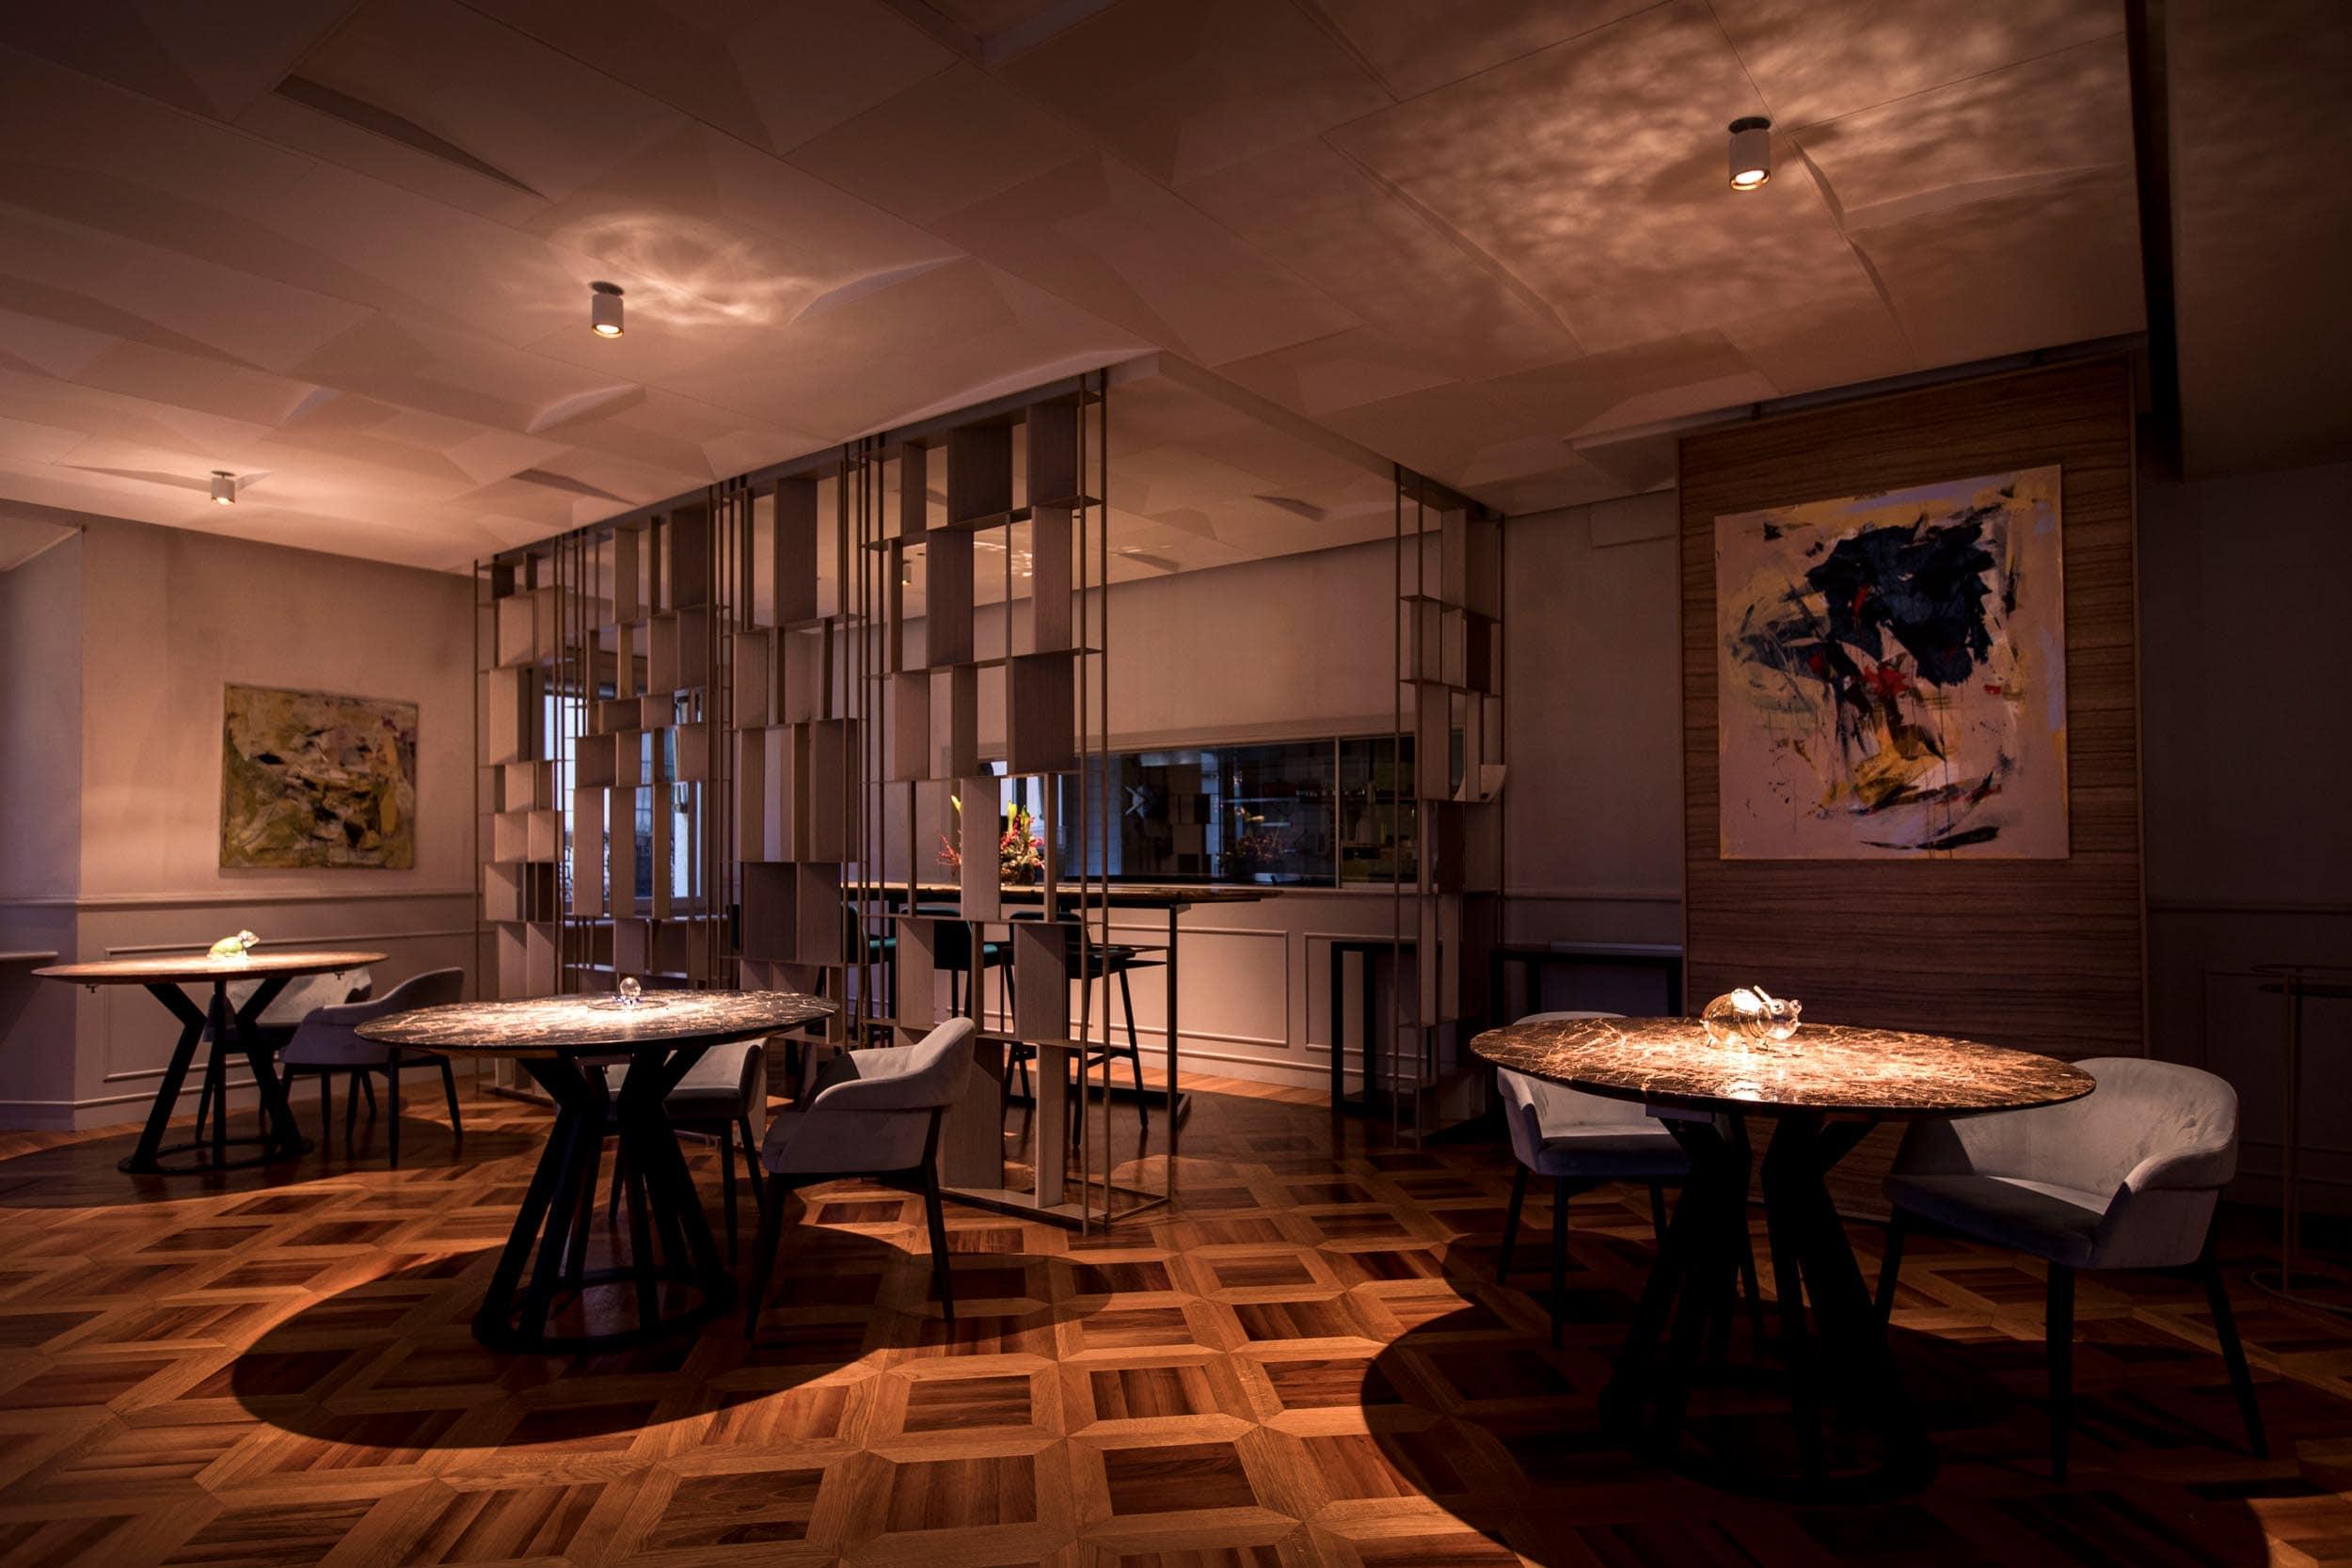 OLEV_BEAM_MASTER_80_ristorante_degusto_BI (9)_illuminazione_led_design